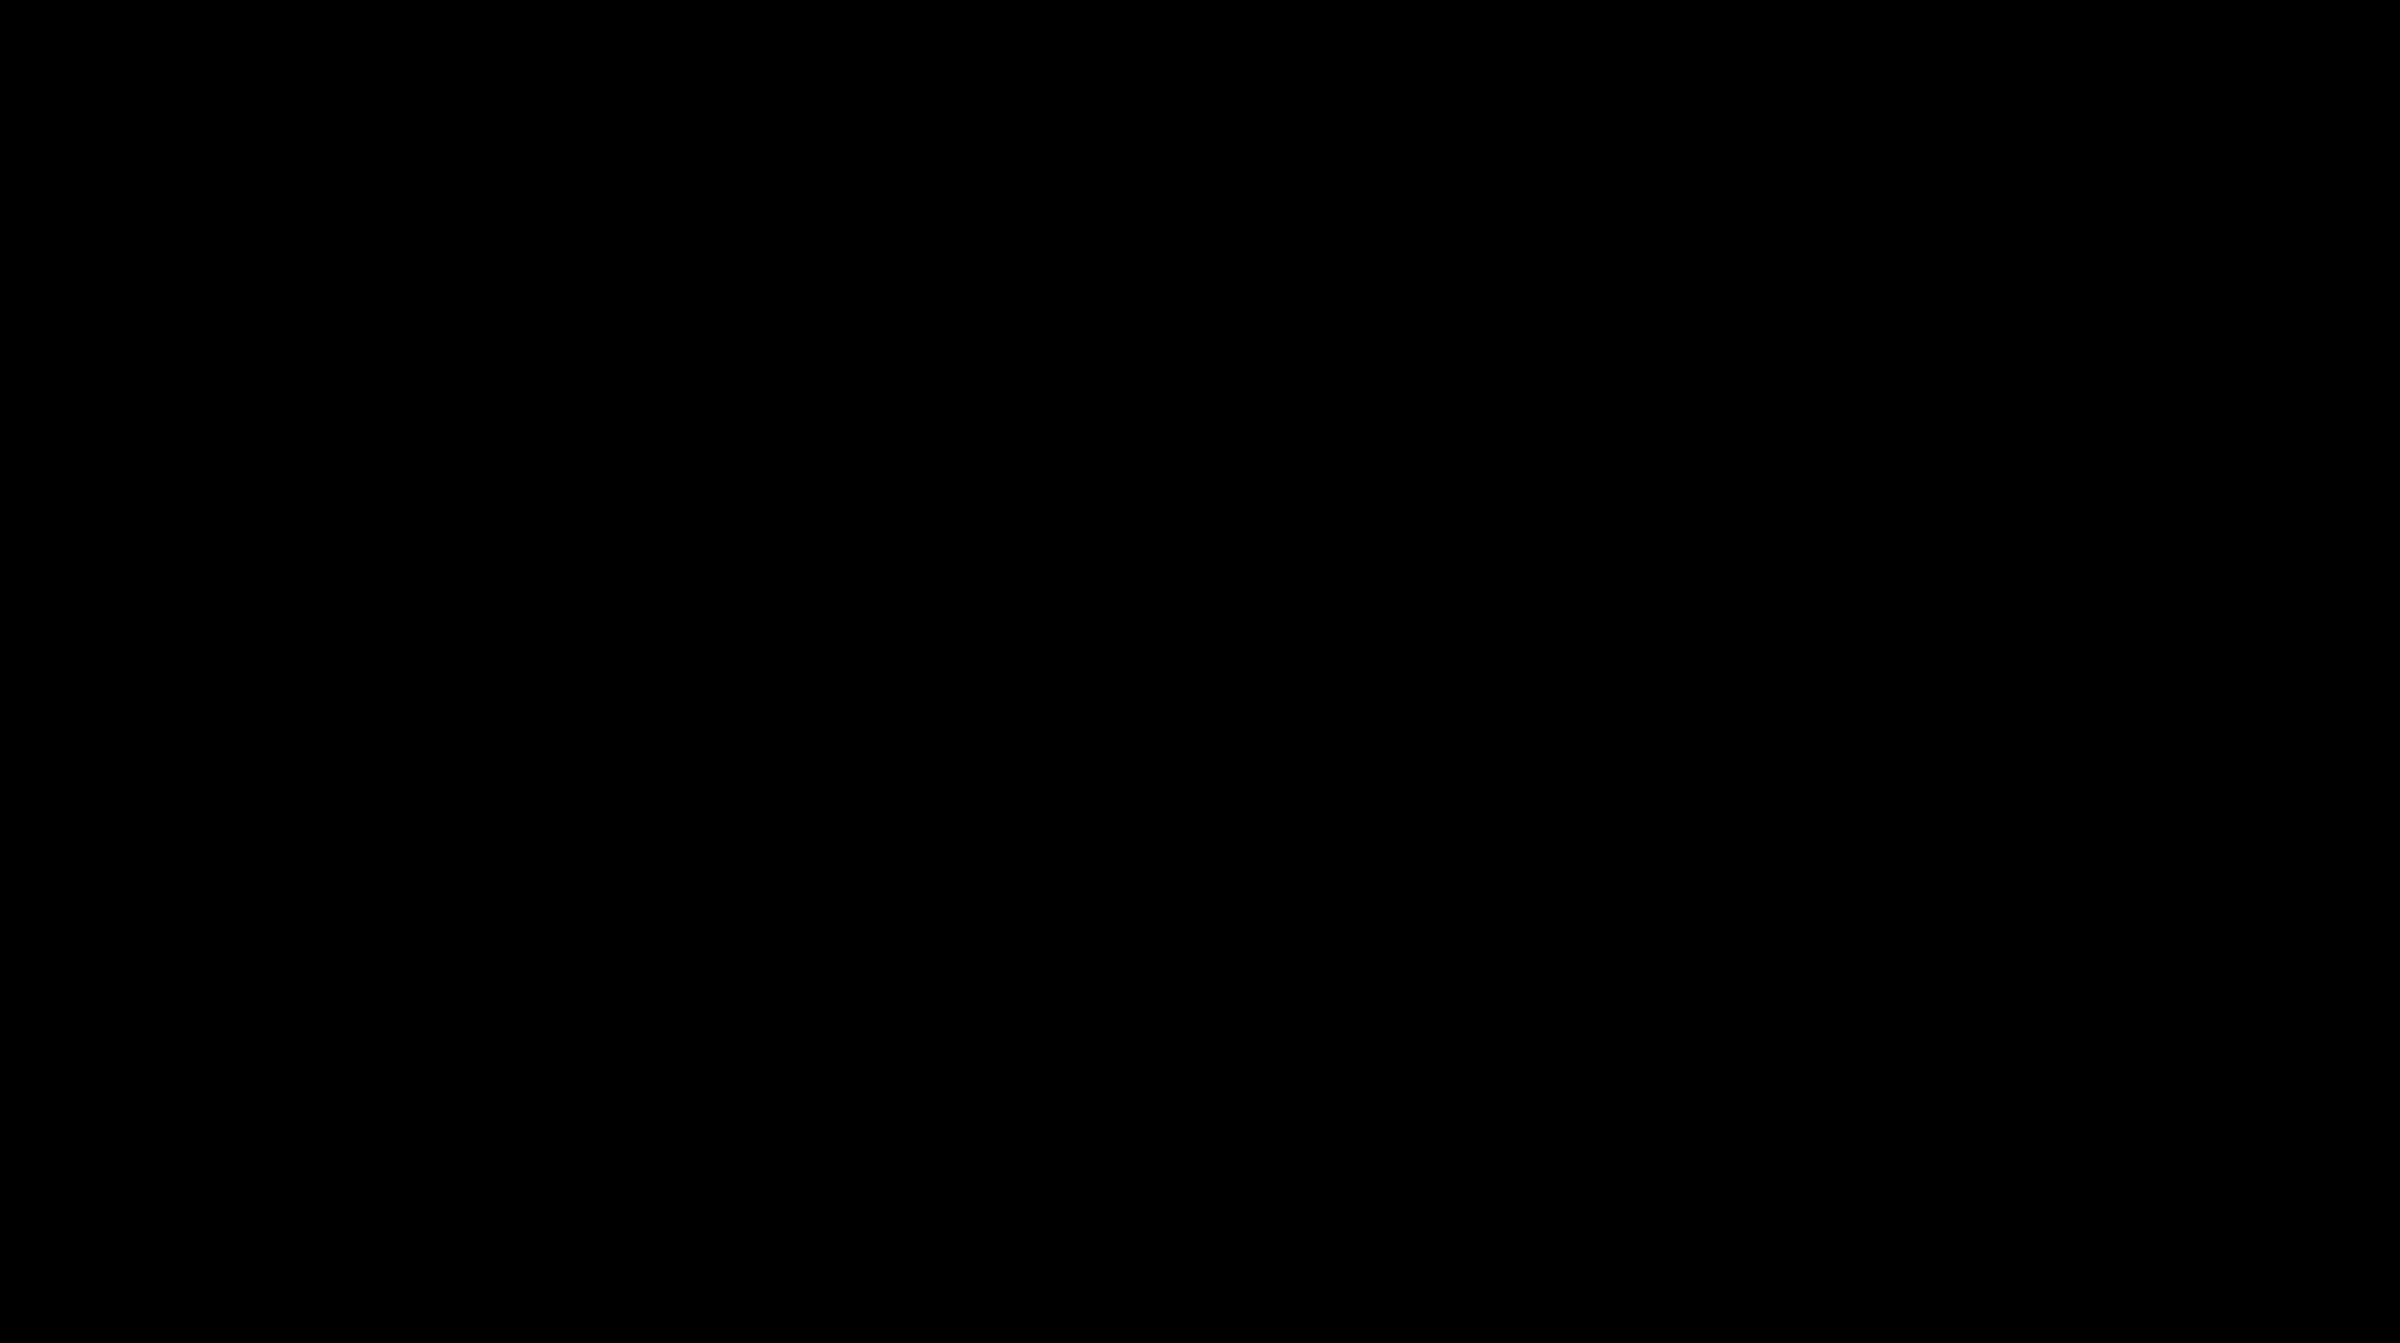 2400x1343 Gun Silhouette Clipart